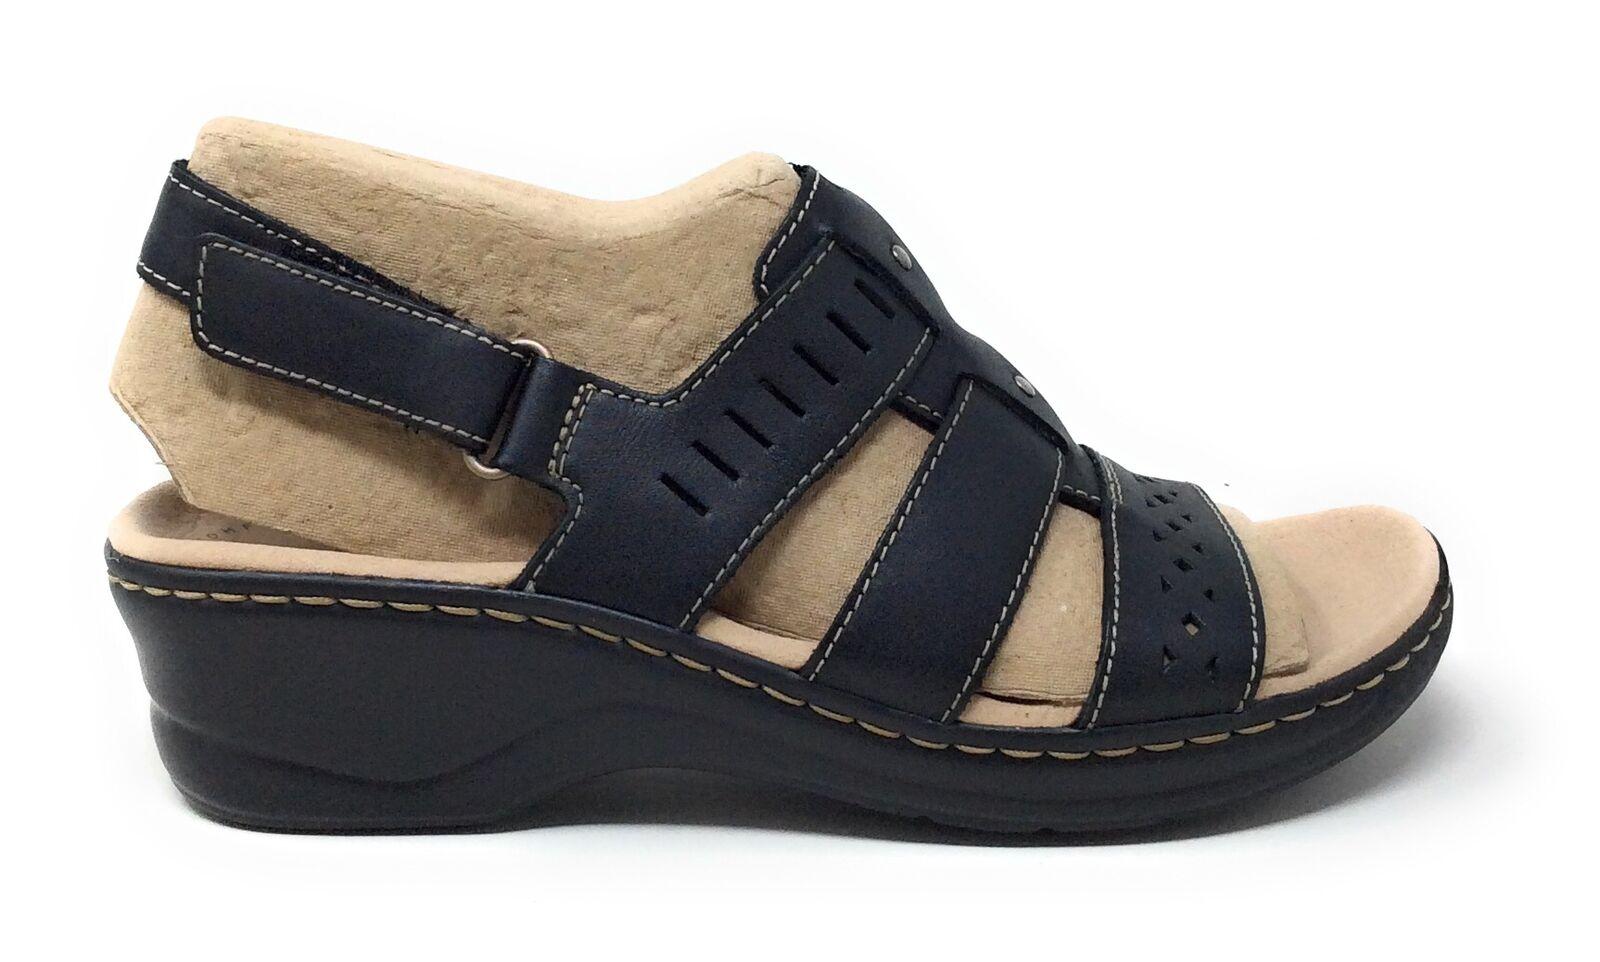 Clarks Collection Damen Lexi Qwin Ausschnitt Sandalen Schwarz Leder Größe 8 M US